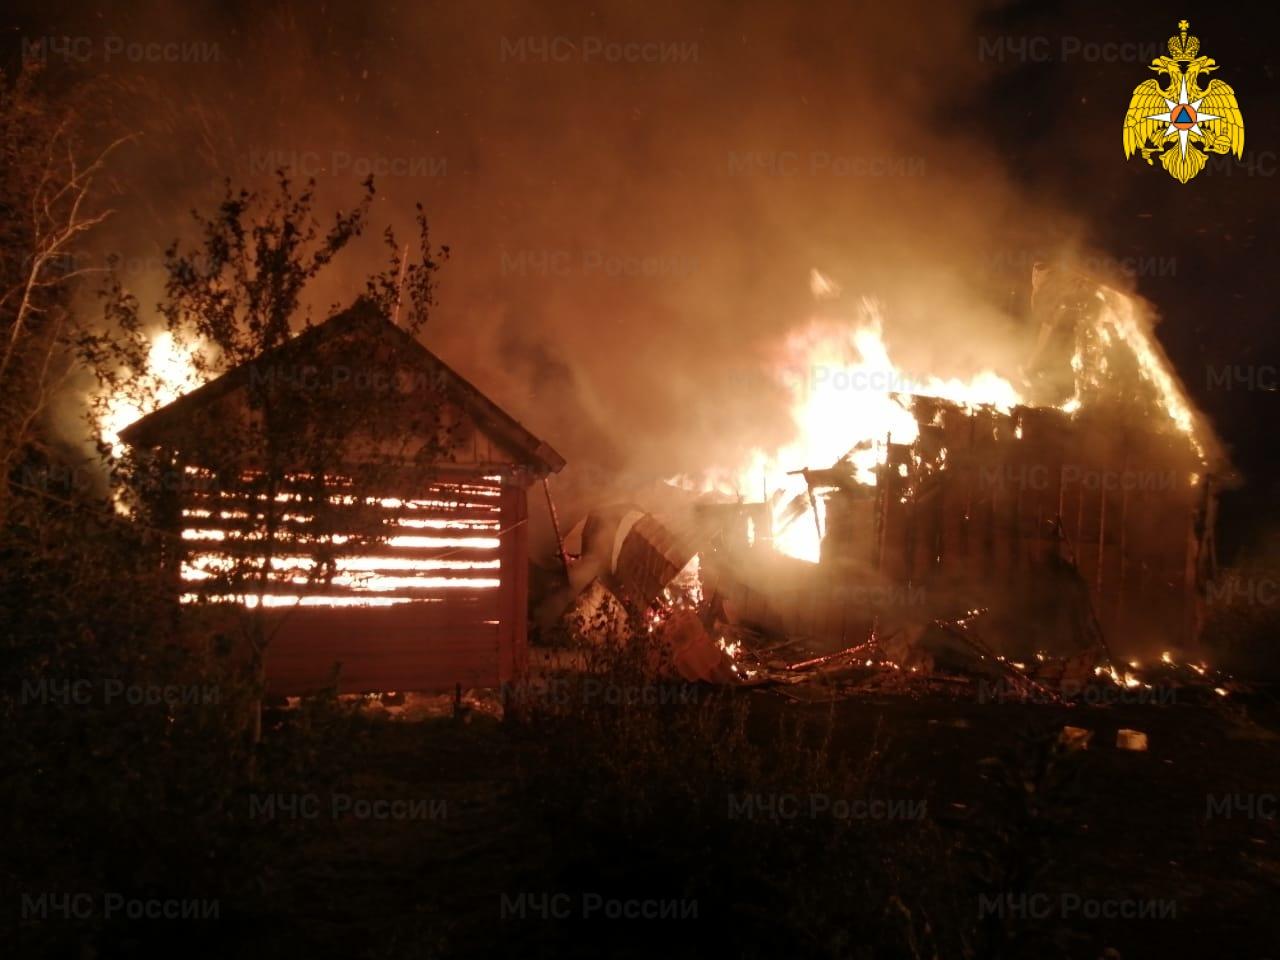 Пожар в Жуковском районе, д. Тайдашево